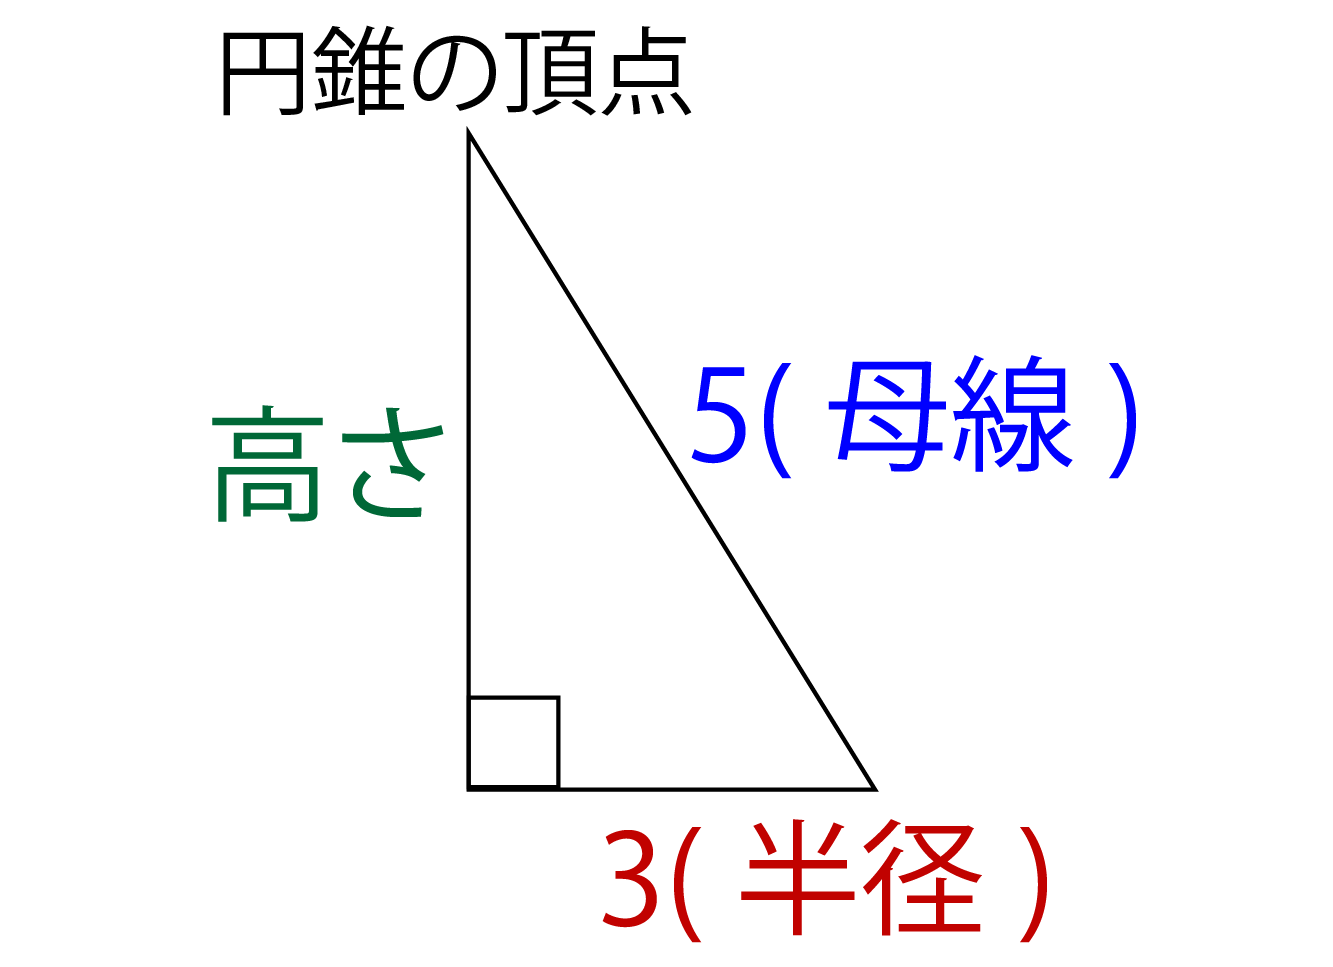 円錐の体積に関する練習問題の解説